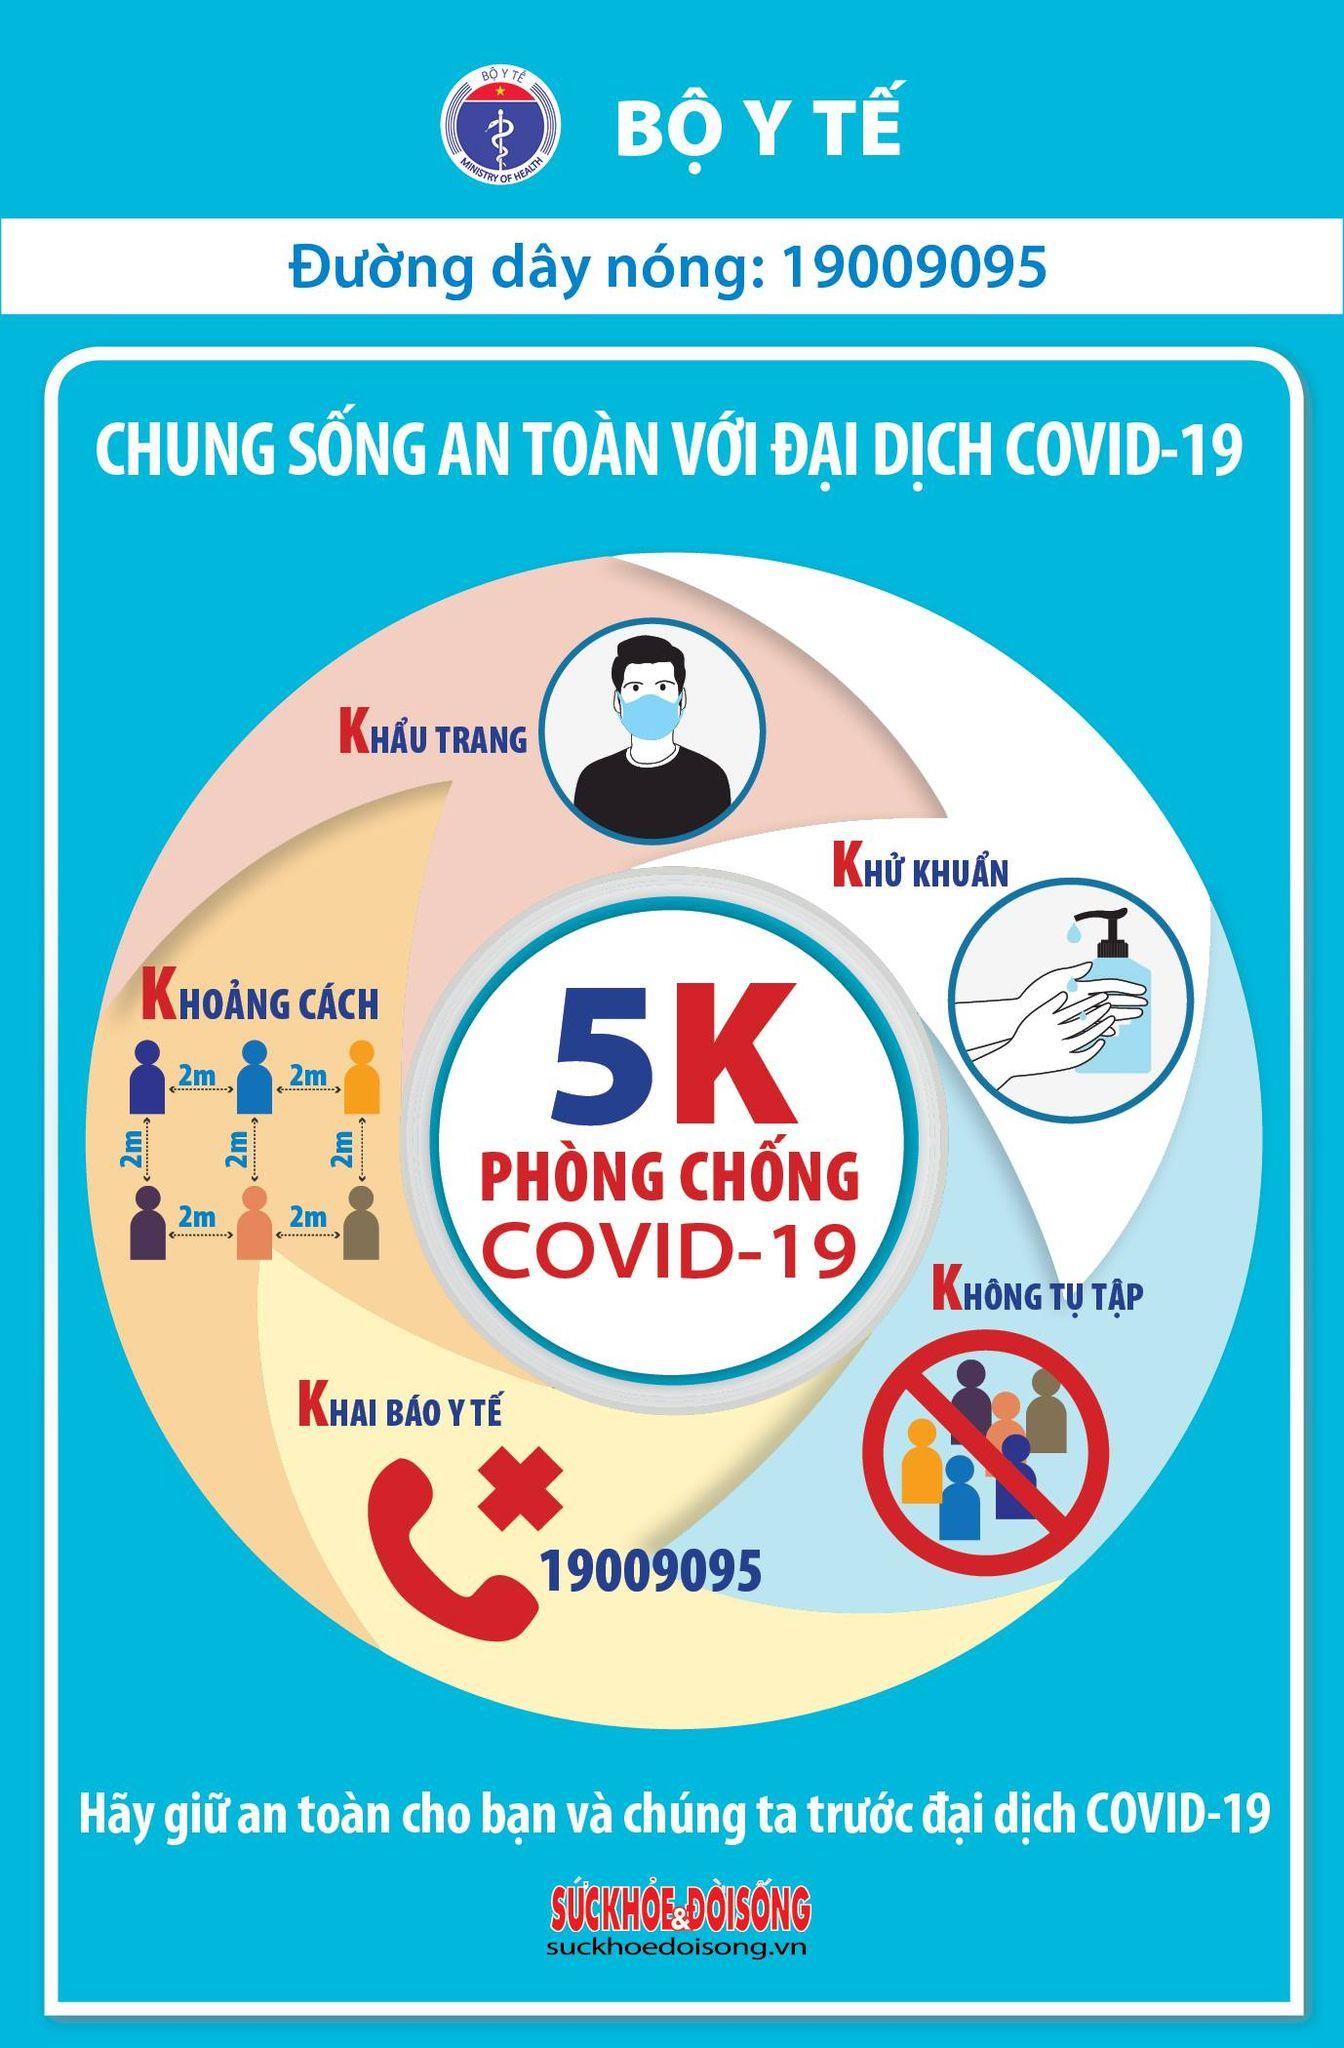 Sáng 26/4: Có 3 ca mắc COVID-19 tại Đà Nẵng và Quảng Nam - Ảnh 3.